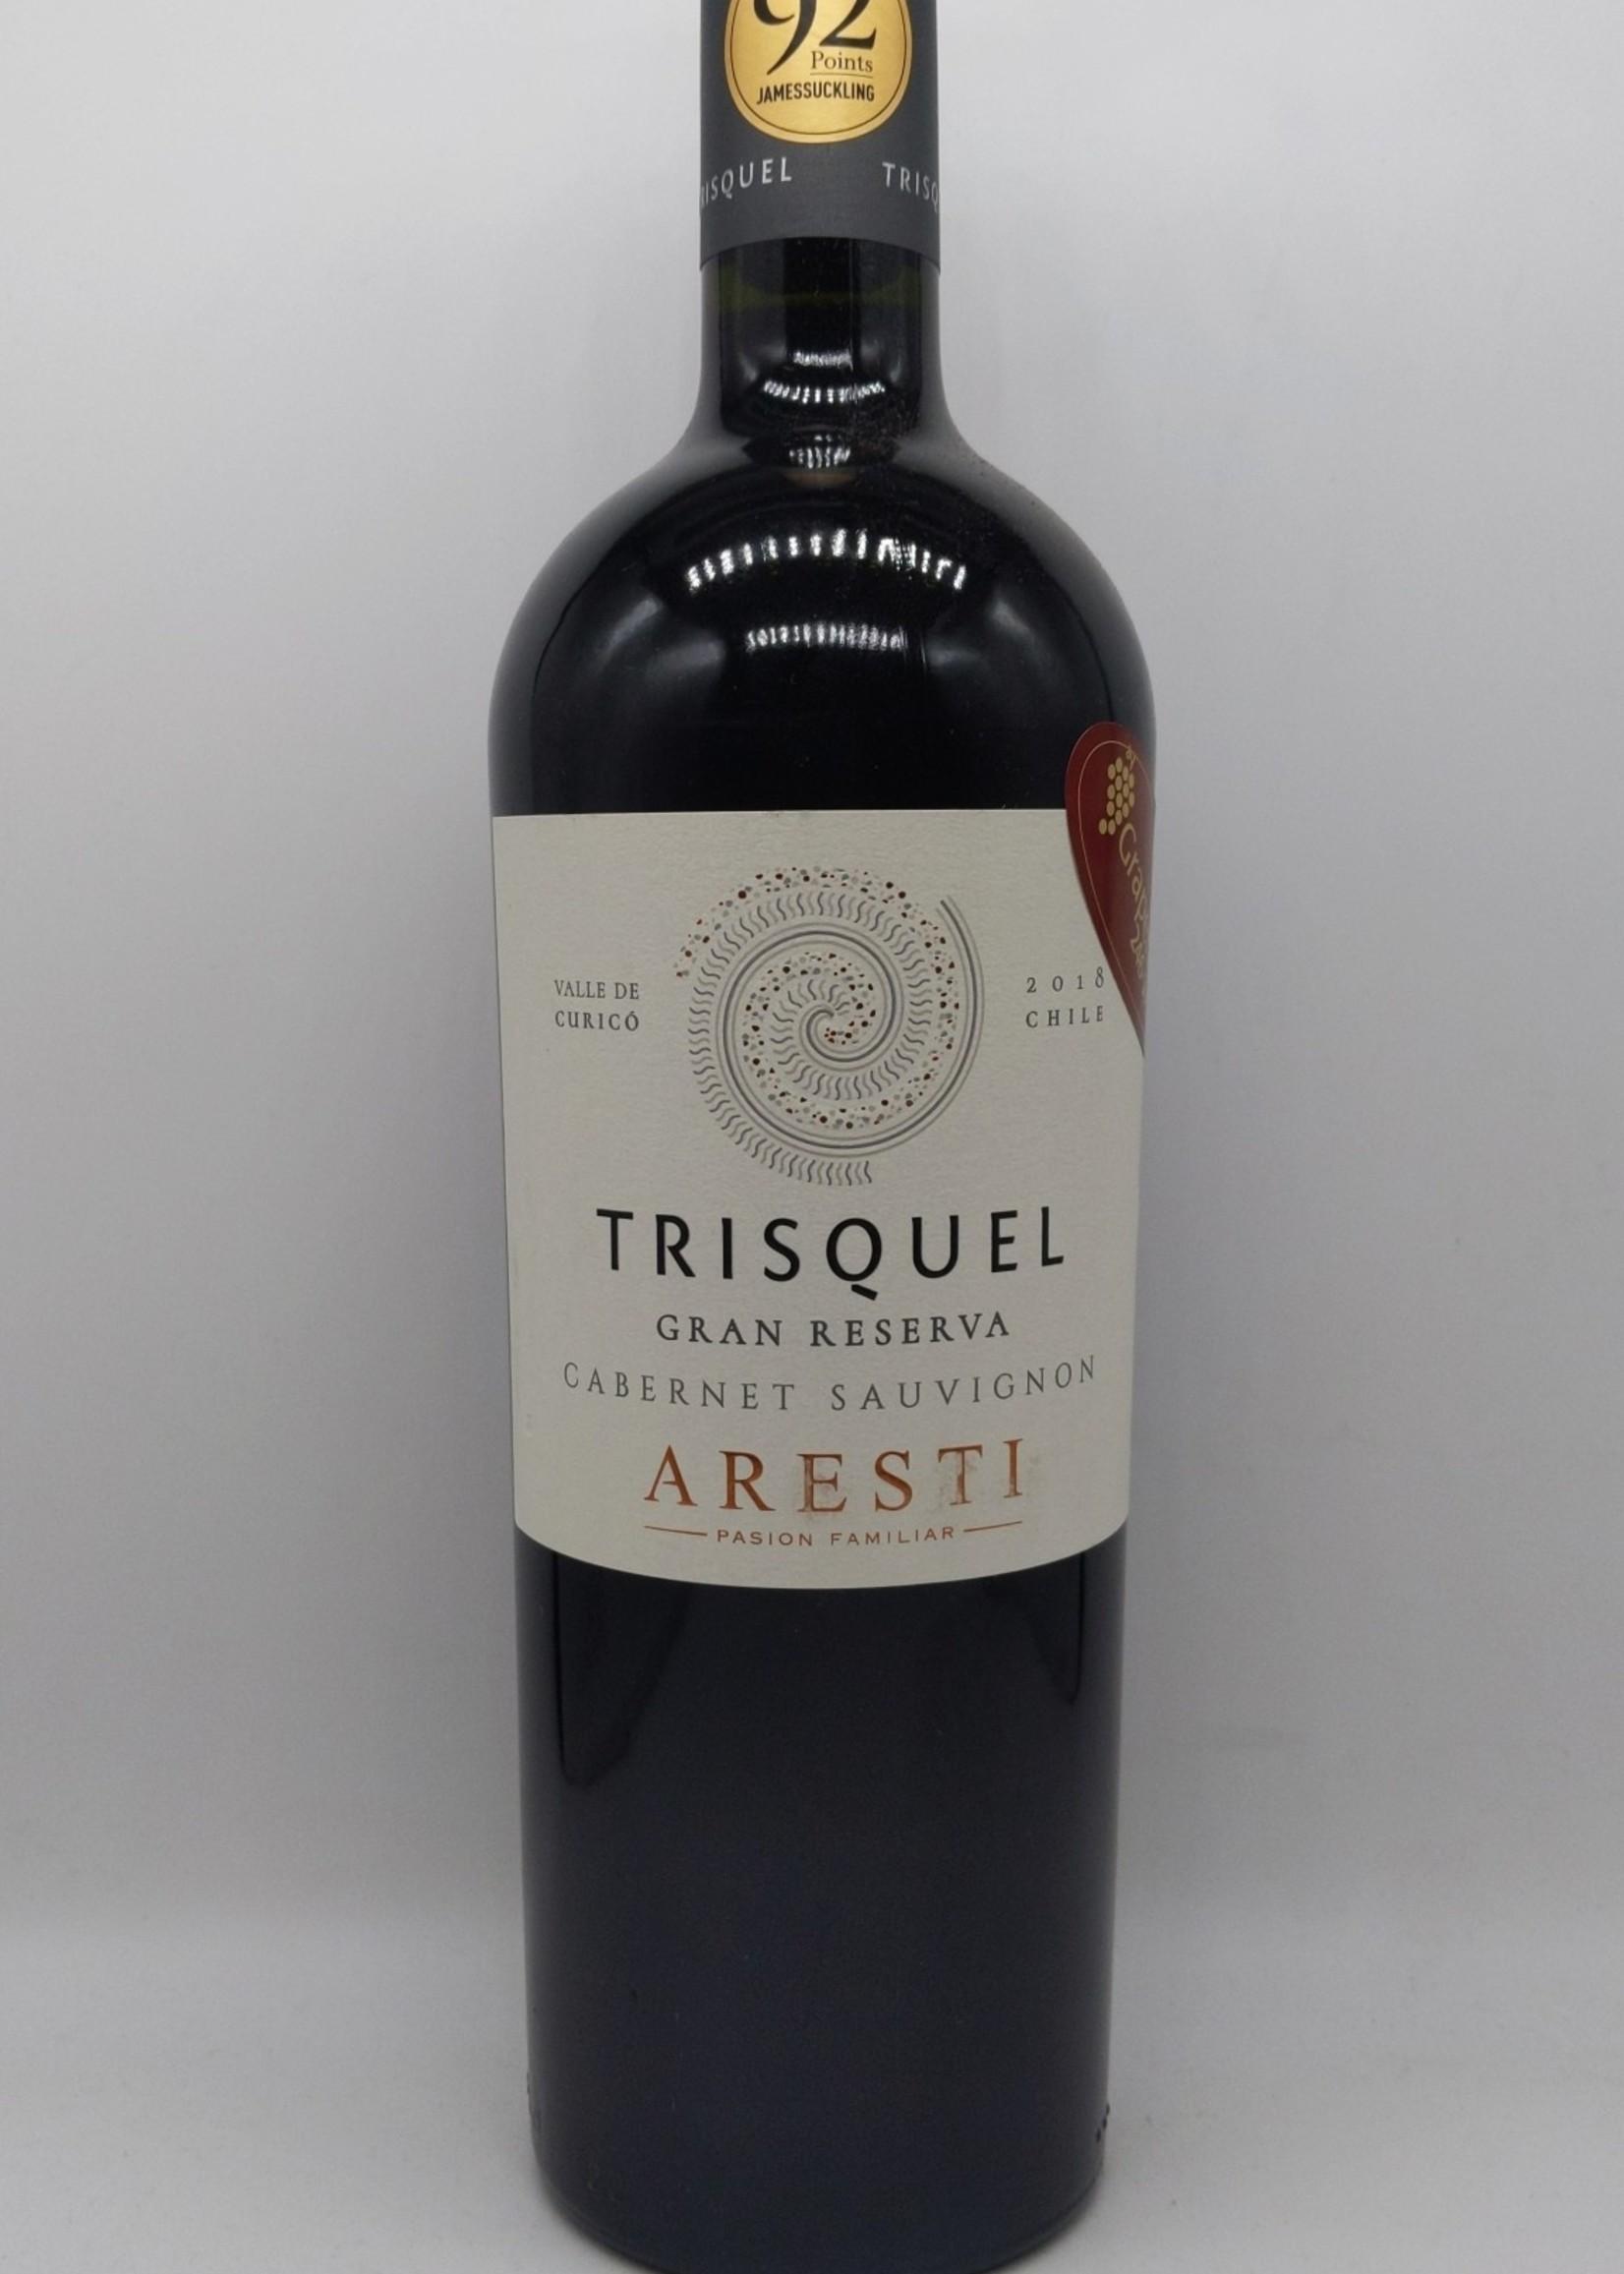 2018 ARESTI TRISQUEL CABERNET SAUVIGNON 750ml